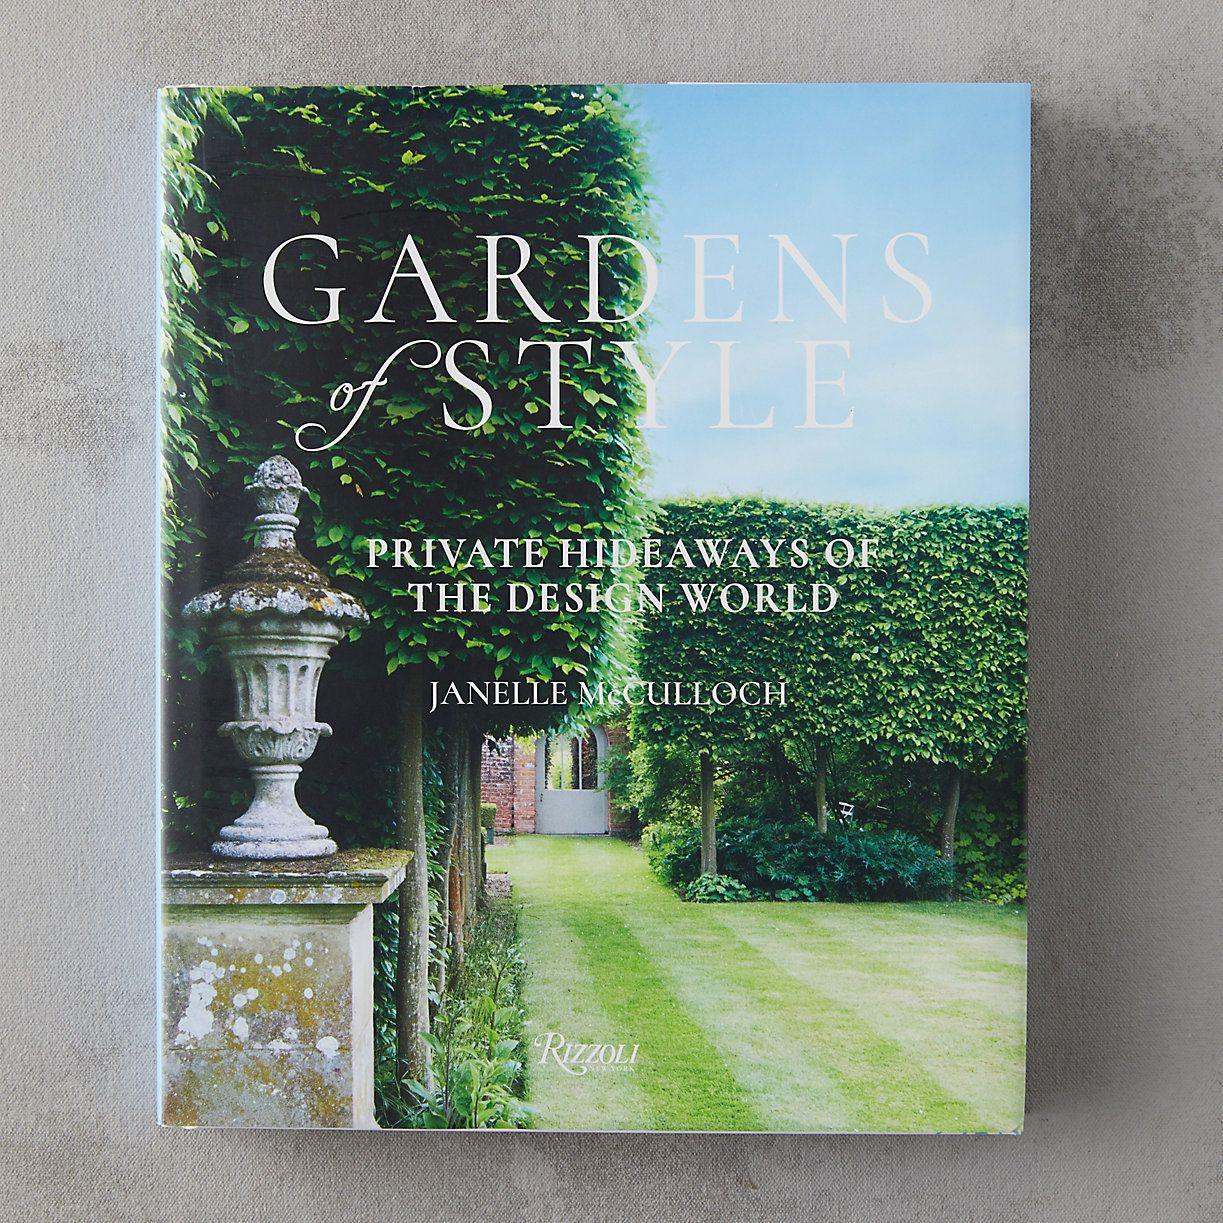 6122e4682e2b44234277ed0bb142c95d - Private Gardens Of The Fashion World